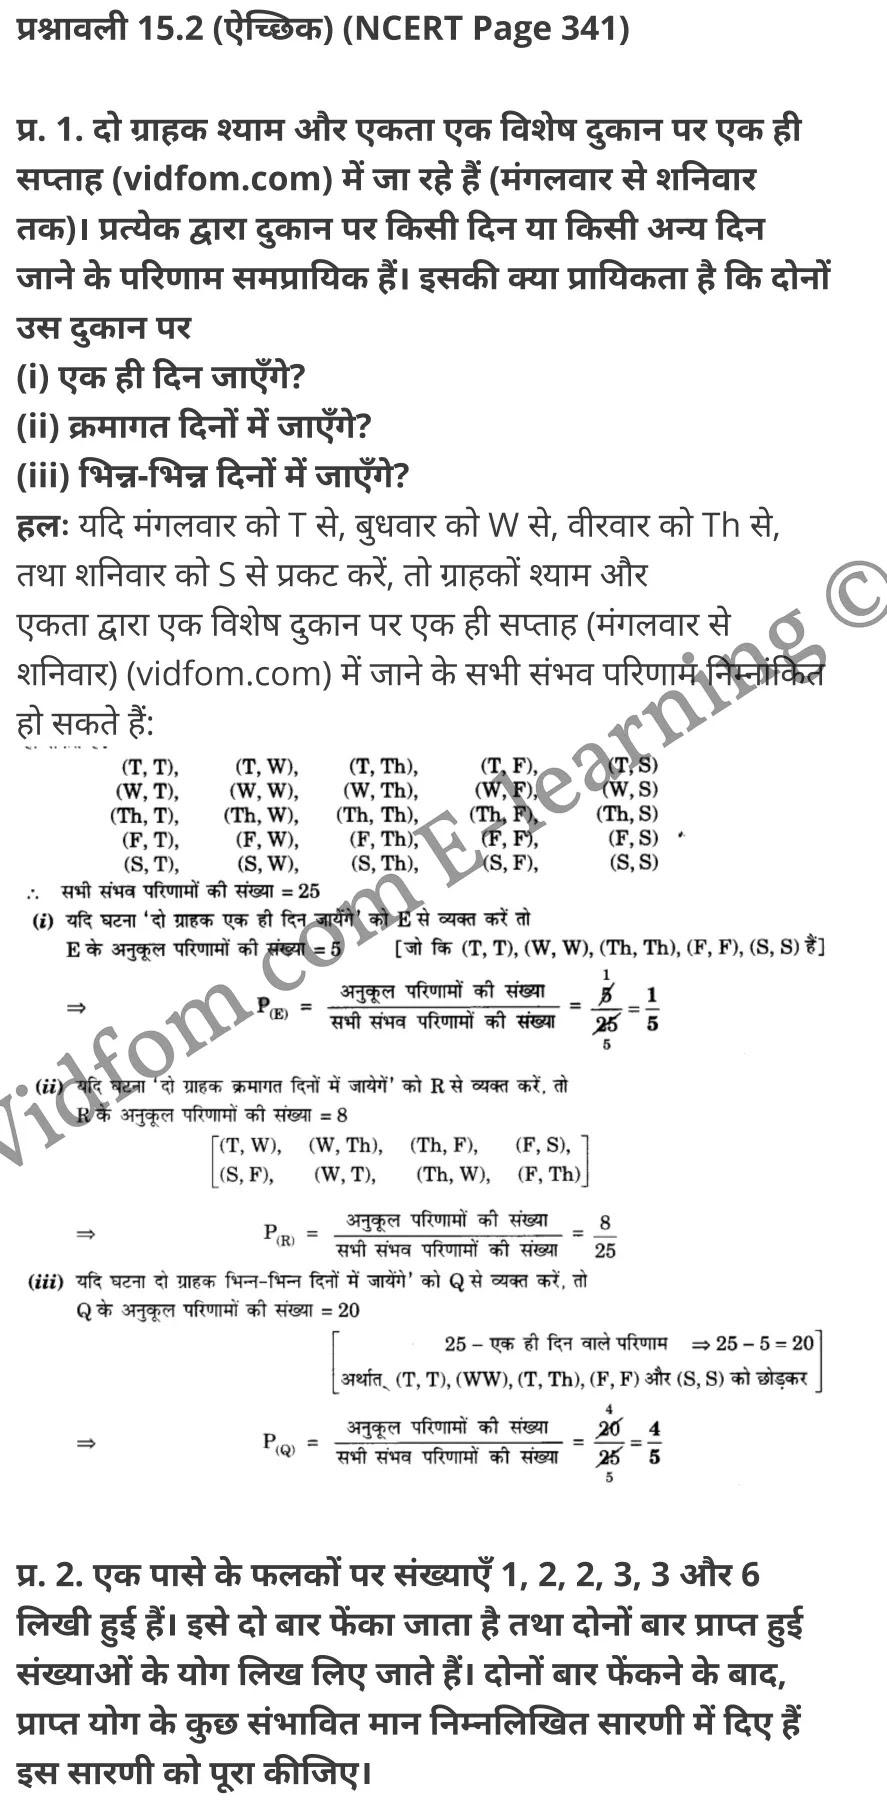 कक्षा 10 गणित  के नोट्स  हिंदी में एनसीईआरटी समाधान,     class 10 Maths chapter 15,   class 10 Maths chapter 15 ncert solutions in Maths,  class 10 Maths chapter 15 notes in hindi,   class 10 Maths chapter 15 question answer,   class 10 Maths chapter 15 notes,   class 10 Maths chapter 15 class 10 Maths  chapter 15 in  hindi,    class 10 Maths chapter 15 important questions in  hindi,   class 10 Maths hindi  chapter 15 notes in hindi,   class 10 Maths  chapter 15 test,   class 10 Maths  chapter 15 class 10 Maths  chapter 15 pdf,   class 10 Maths  chapter 15 notes pdf,   class 10 Maths  chapter 15 exercise solutions,  class 10 Maths  chapter 15,  class 10 Maths  chapter 15 notes study rankers,  class 10 Maths  chapter 15 notes,   class 10 Maths hindi  chapter 15 notes,    class 10 Maths   chapter 15  class 10  notes pdf,  class 10 Maths  chapter 15 class 10  notes  ncert,  class 10 Maths  chapter 15 class 10 pdf,   class 10 Maths  chapter 15  book,   class 10 Maths  chapter 15 quiz class 10  ,    10  th class 10 Maths chapter 15  book up board,   up board 10  th class 10 Maths chapter 15 notes,  class 10 Maths,   class 10 Maths ncert solutions in Maths,   class 10 Maths notes in hindi,   class 10 Maths question answer,   class 10 Maths notes,  class 10 Maths class 10 Maths  chapter 15 in  hindi,    class 10 Maths important questions in  hindi,   class 10 Maths notes in hindi,    class 10 Maths test,  class 10 Maths class 10 Maths  chapter 15 pdf,   class 10 Maths notes pdf,   class 10 Maths exercise solutions,   class 10 Maths,  class 10 Maths notes study rankers,   class 10 Maths notes,  class 10 Maths notes,   class 10 Maths  class 10  notes pdf,   class 10 Maths class 10  notes  ncert,   class 10 Maths class 10 pdf,   class 10 Maths  book,  class 10 Maths quiz class 10  ,  10  th class 10 Maths    book up board,    up board 10  th class 10 Maths notes,      कक्षा 10 गणित अध्याय 15 ,  कक्षा 10 गणित, कक्षा 10 गणित अध्याय 15  के नोट्स हिंदी में,  कक्षा 10 का गणित अध्य